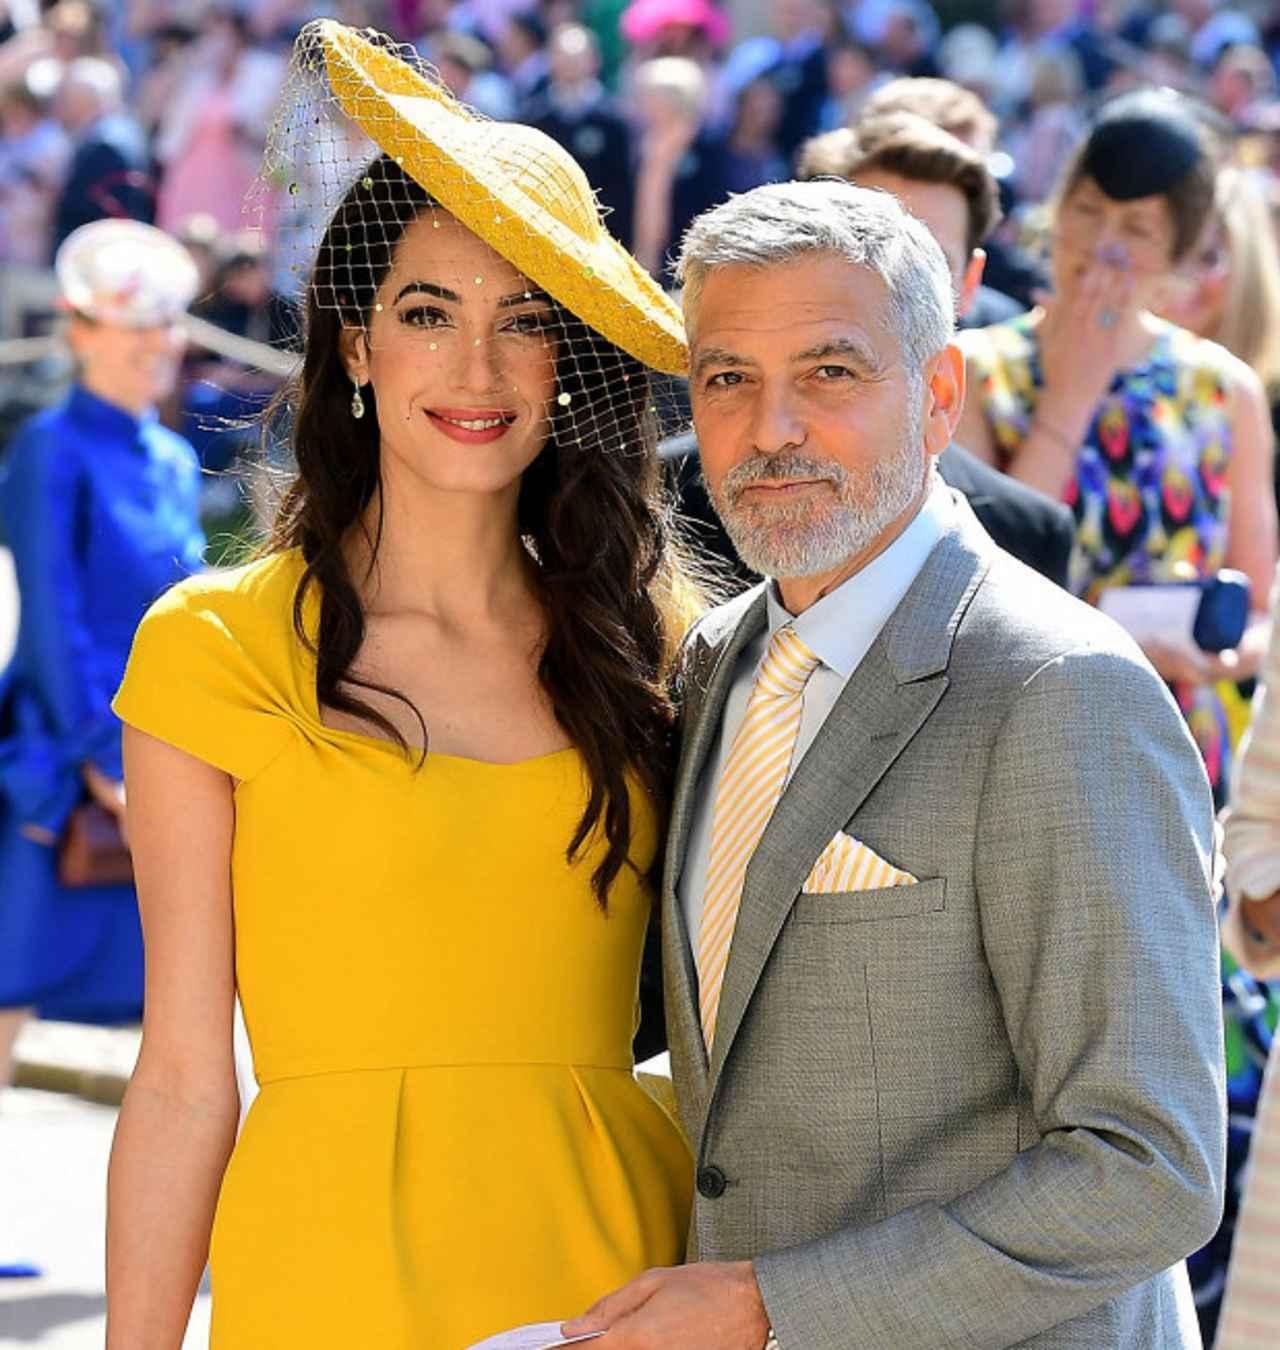 画像: アマル・クルーニーと夫のジョージ・クルーニー。ベビーシャワーにはジョージの姿はなかった。